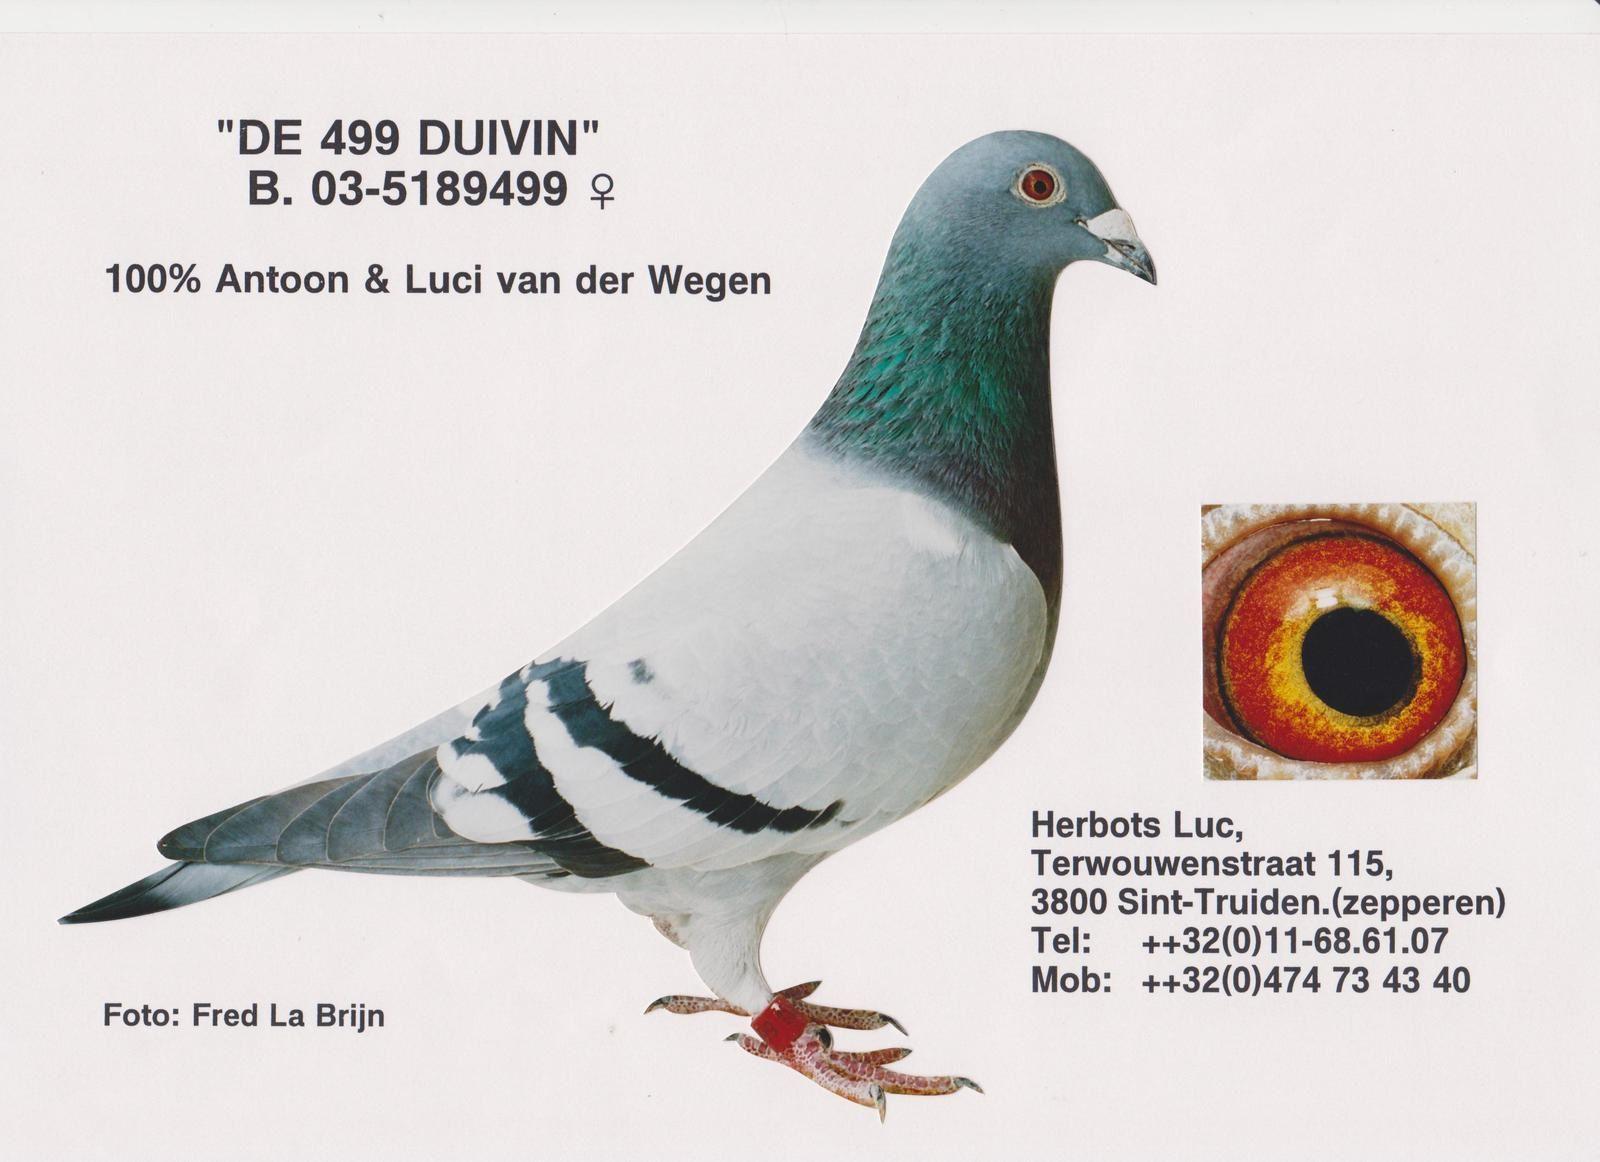 """Christian WAUTHION (Velaine s/Sambre/Belgique) - """"DE 499 DUIVIN"""" est une femelle 100 % Antoon & Luci van der WEGEN acquise chez Luc HERBOTS/Zepperen - """"De FLOERE"""" est un mâle écaillé flori 100 % Jac van der WEGEN recu de JL RAVIGNANT (un ami). Ce couple nous a donné beaucoup de pîgeons très bon au voyage (des prix sur Pau, Marseilles, Limoges ...) mais aussi à l'élevage tant chez nous que dans d'autres colombiers"""